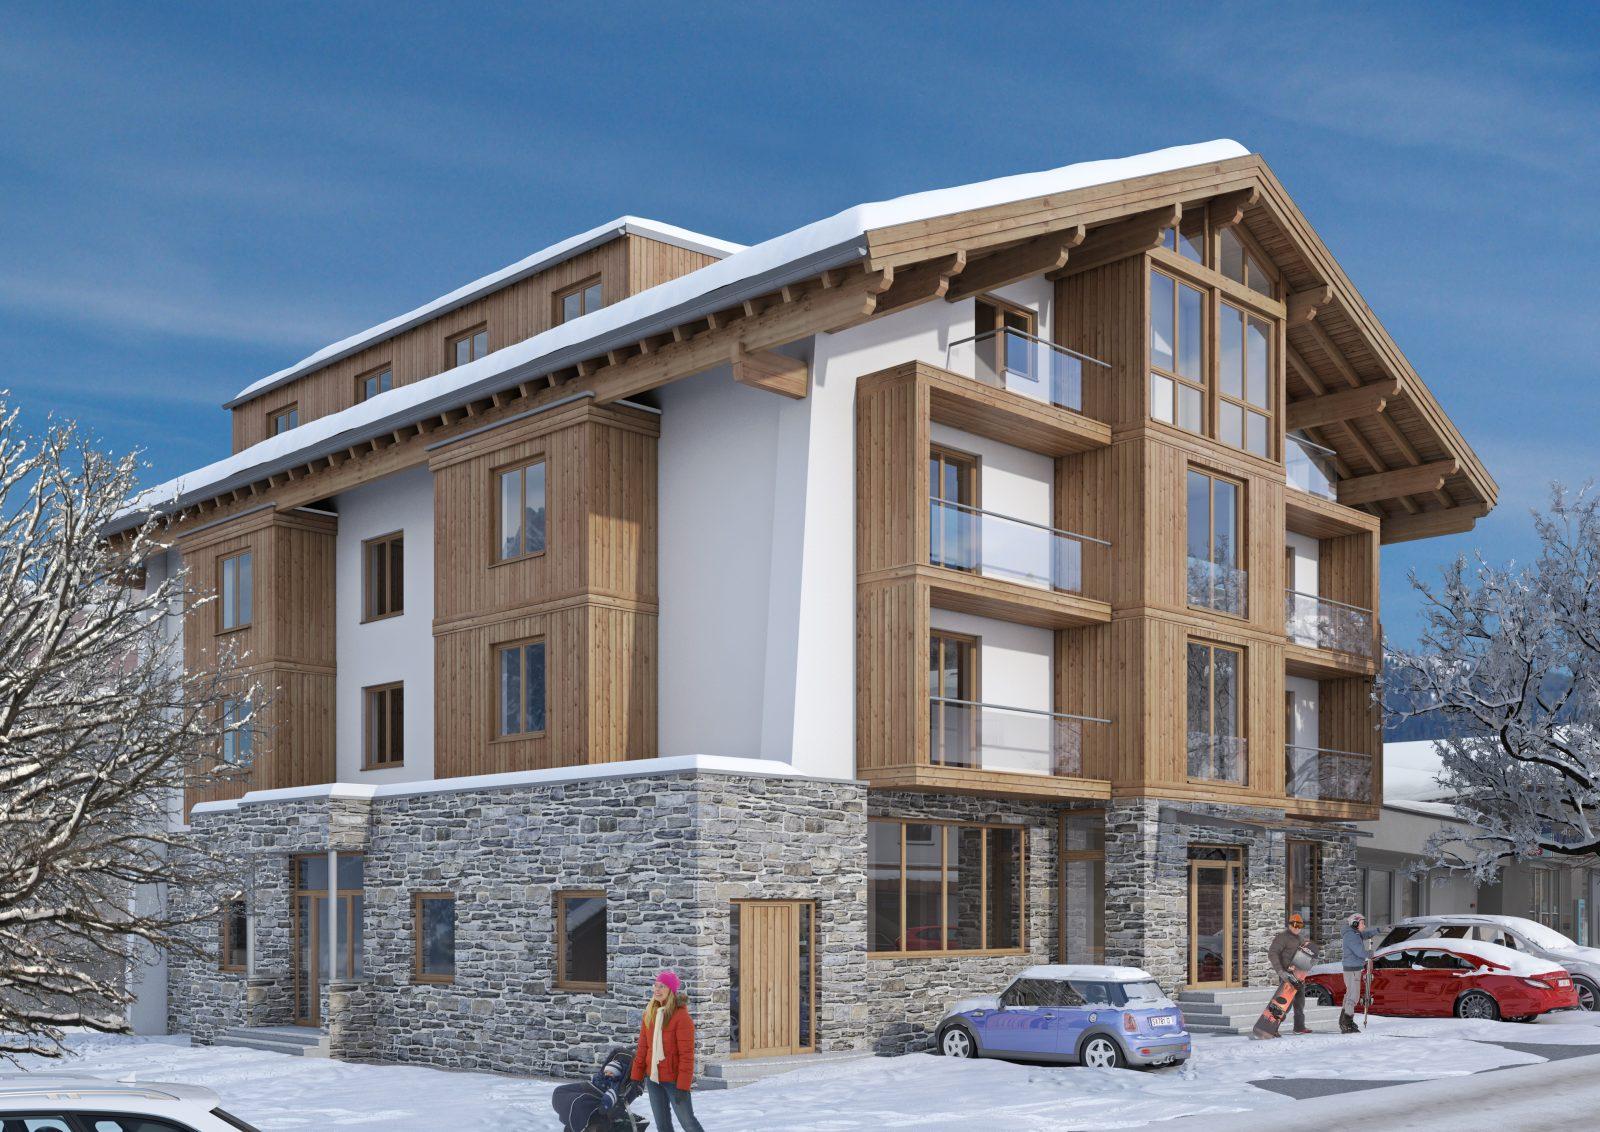 Te koop luxe appartementen in zell am see alpendreams for Luxe vakantie appartementen